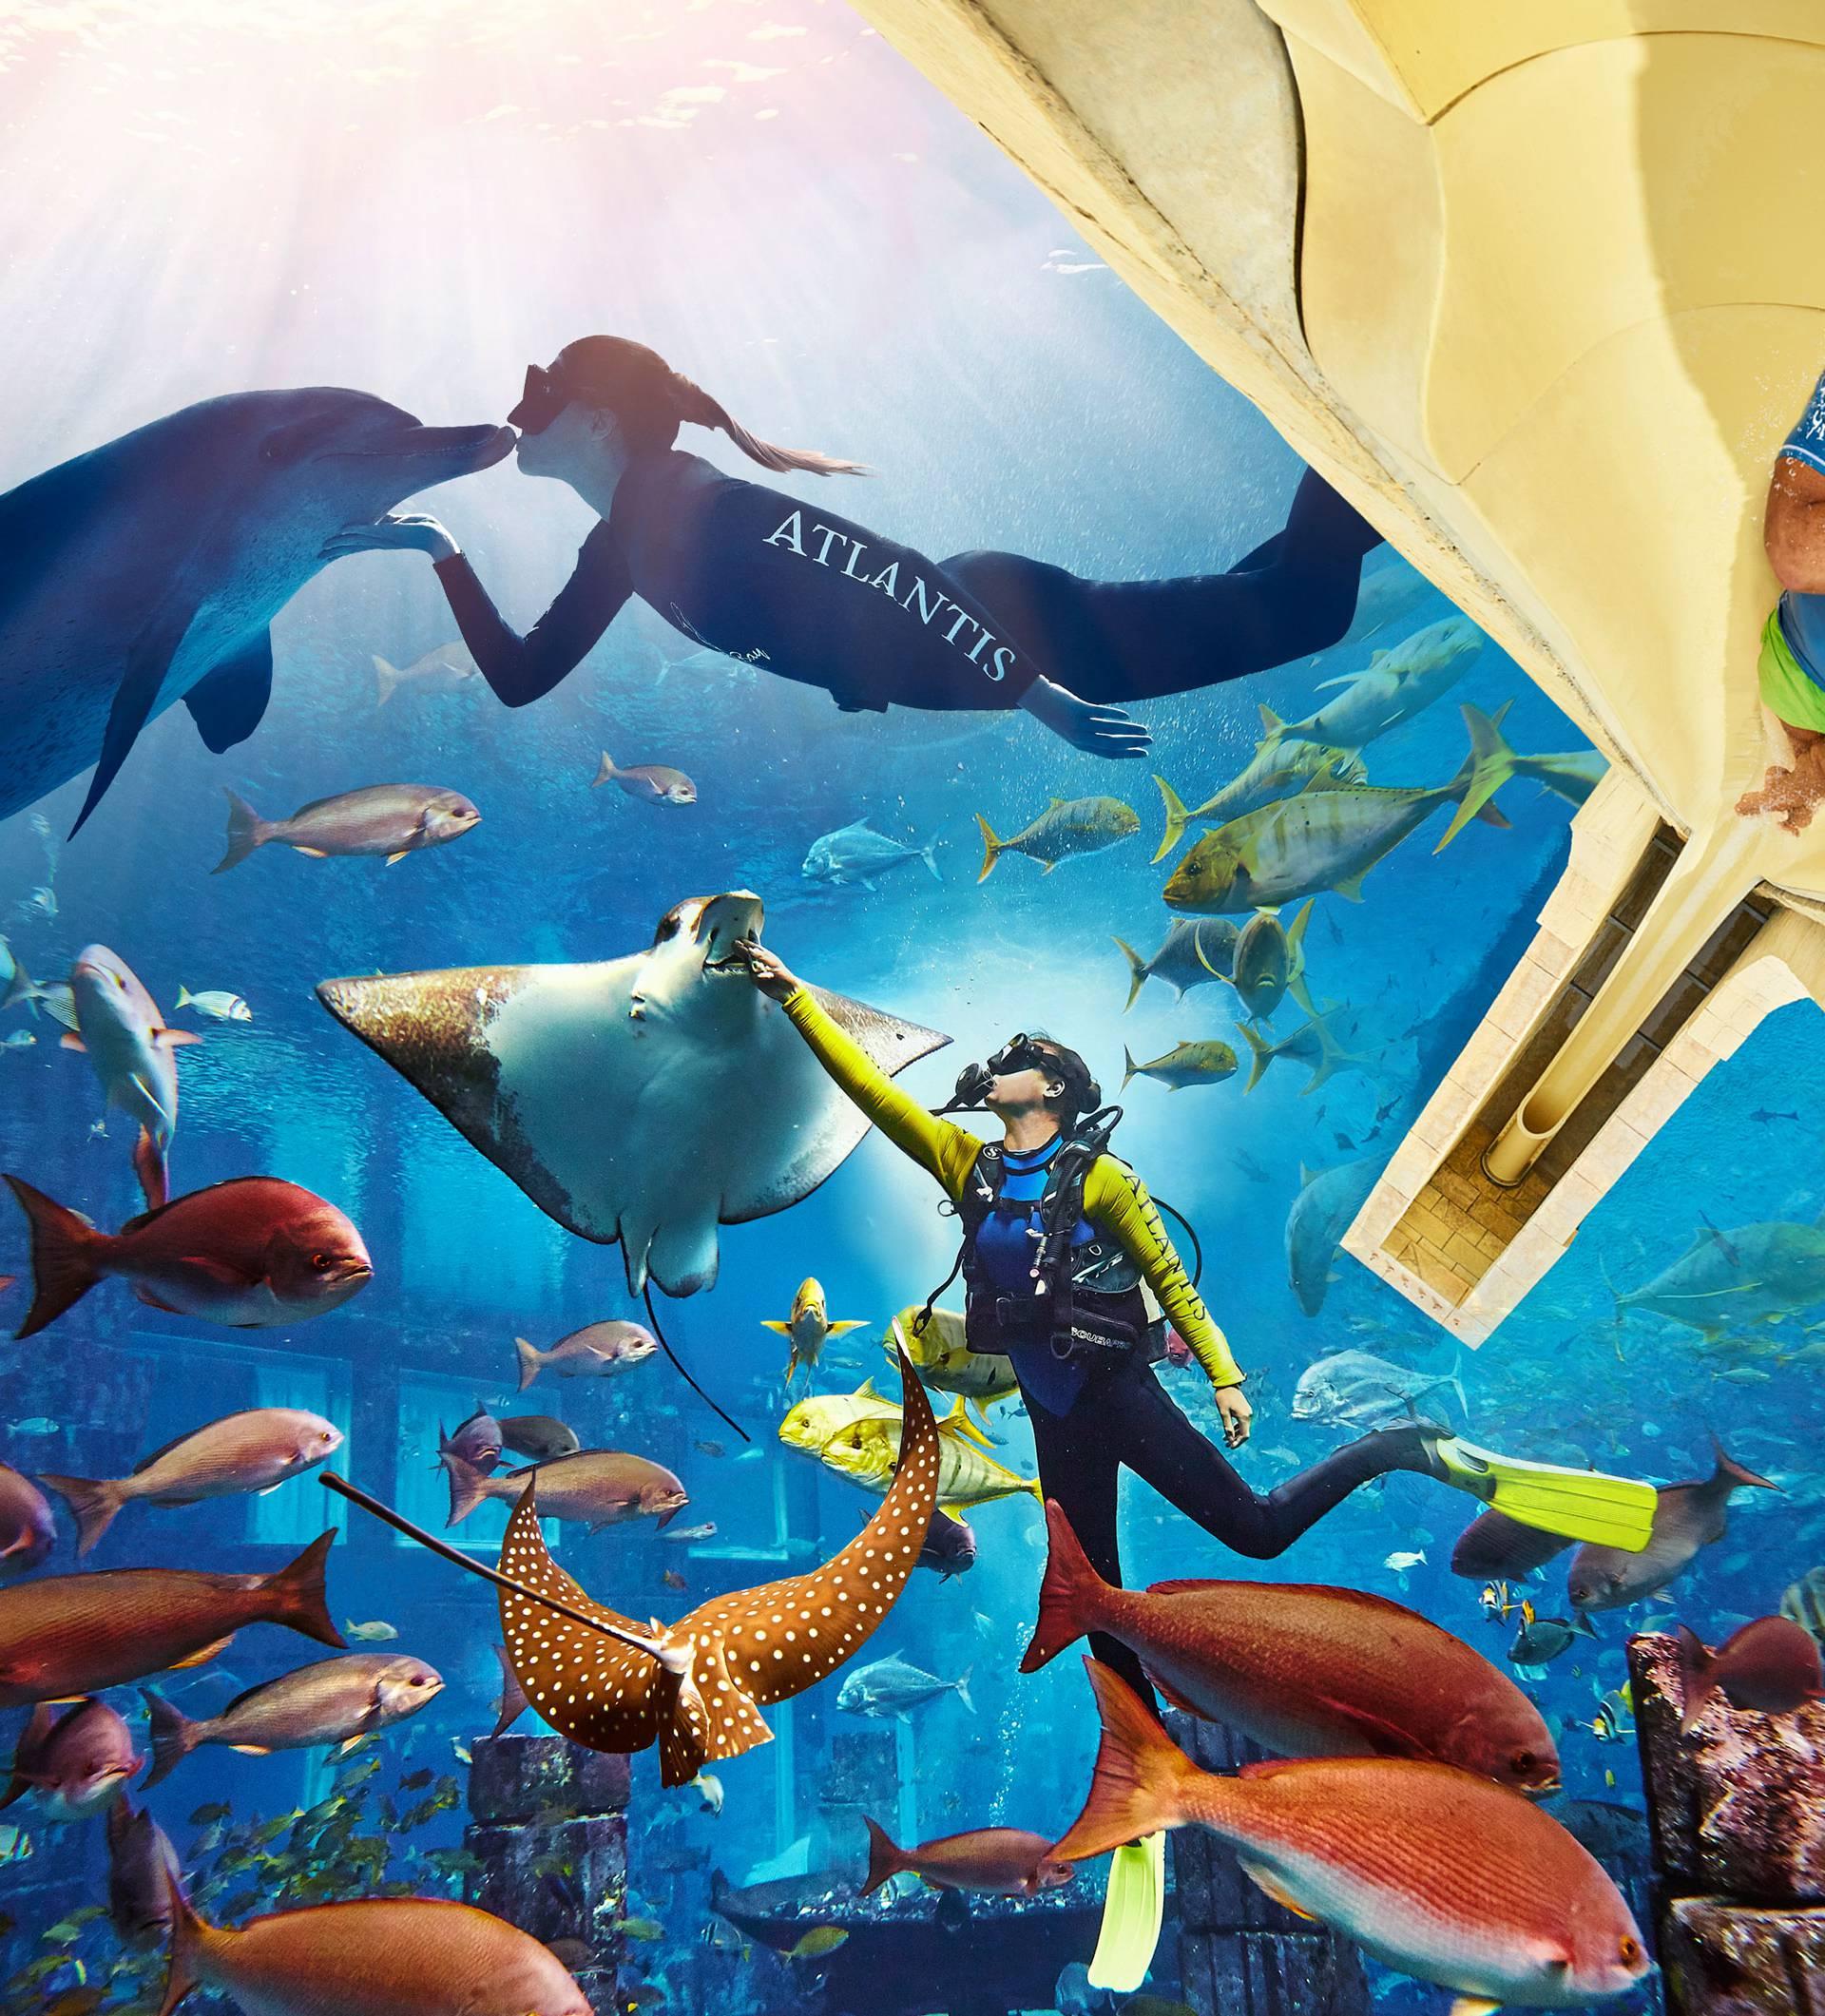 Putnici Emiratesa mogu besplatno posjetiti vodeni park